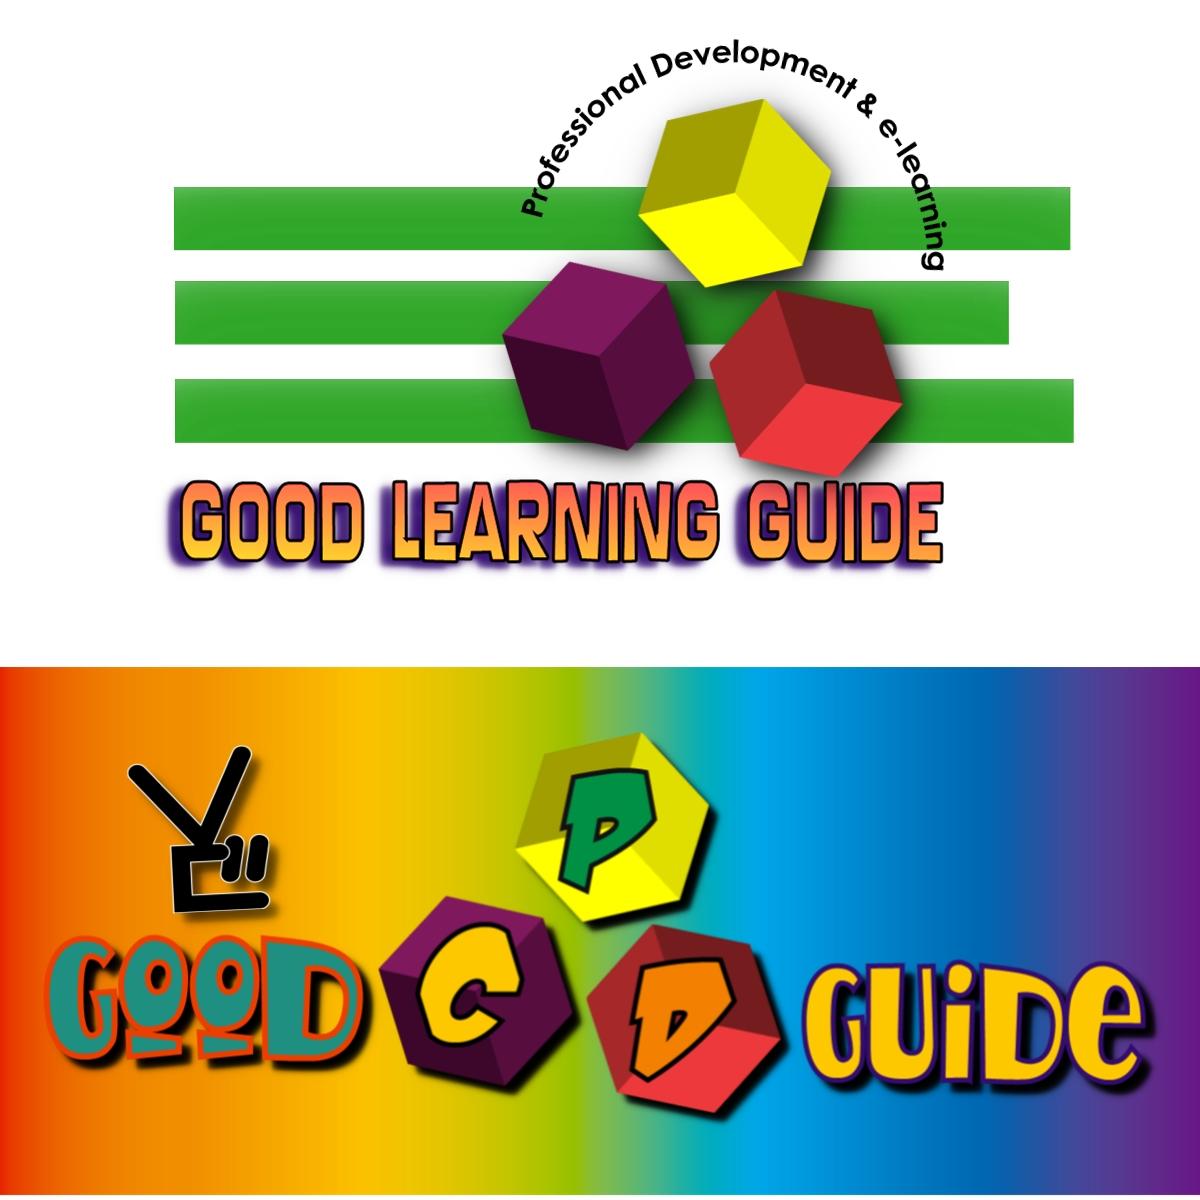 Logo Design by Joseph calunsag Cagaanan - Entry No. 70 in the Logo Design Contest Learning guide logo.